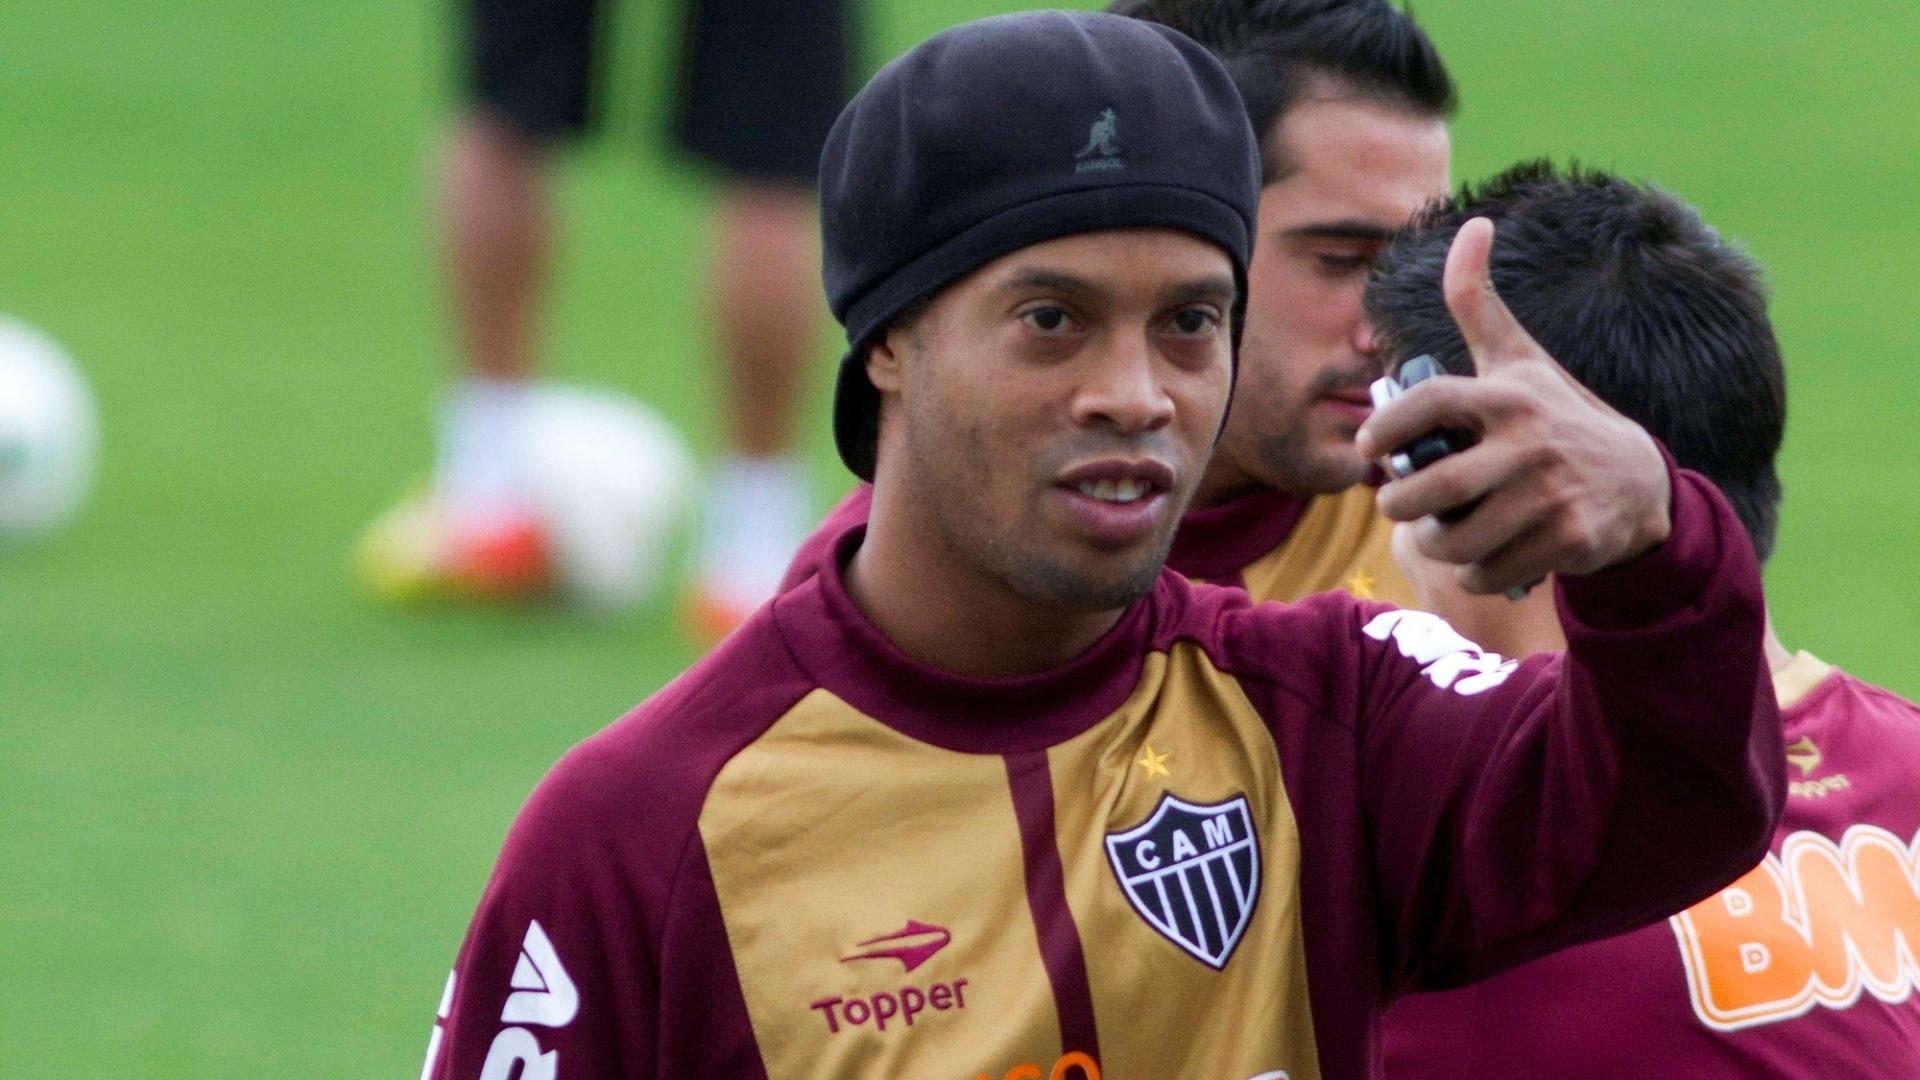 Ronaldinho gesticula durante treino do Atlético-MG no no centro esportivo da PUCRS em em Porto Alegre